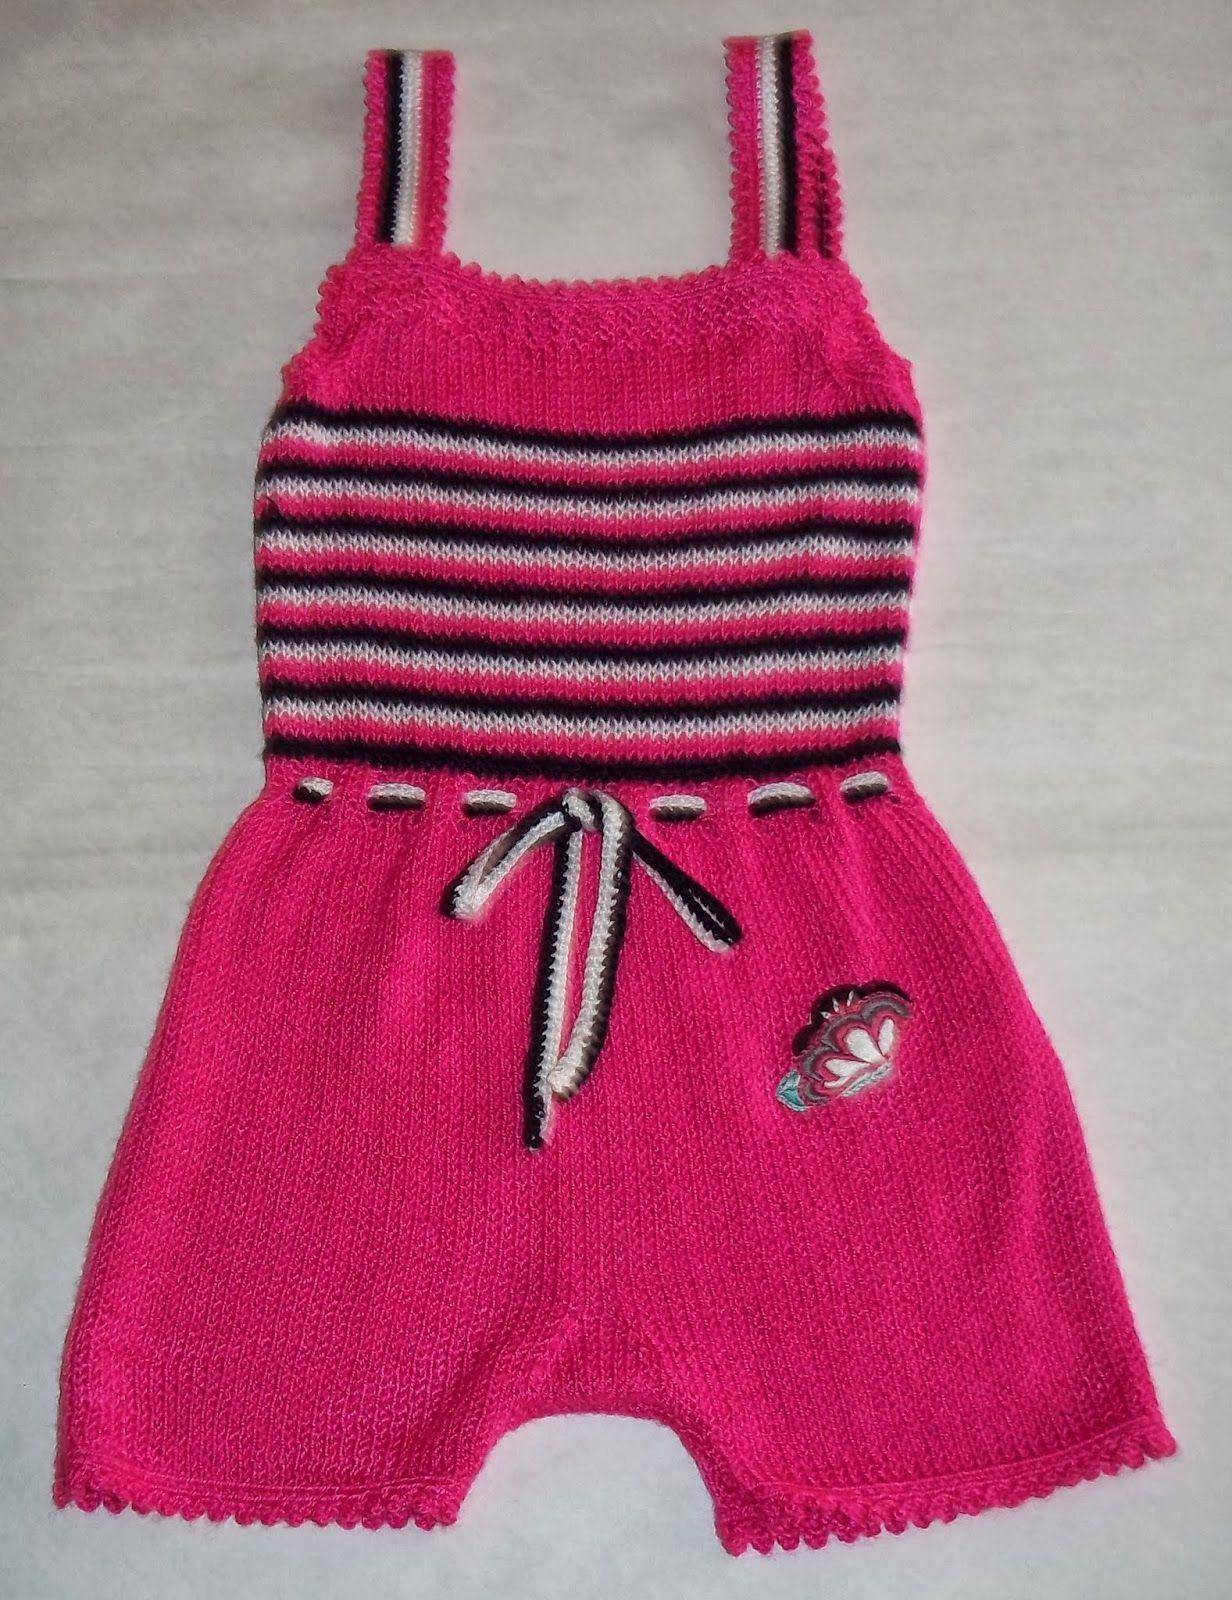 48ef083e87 Tejidos y bordados artesanales a mano - Carysol  MONOS PARA NIÑAS - Hasta  12 meses - Realizado en C..